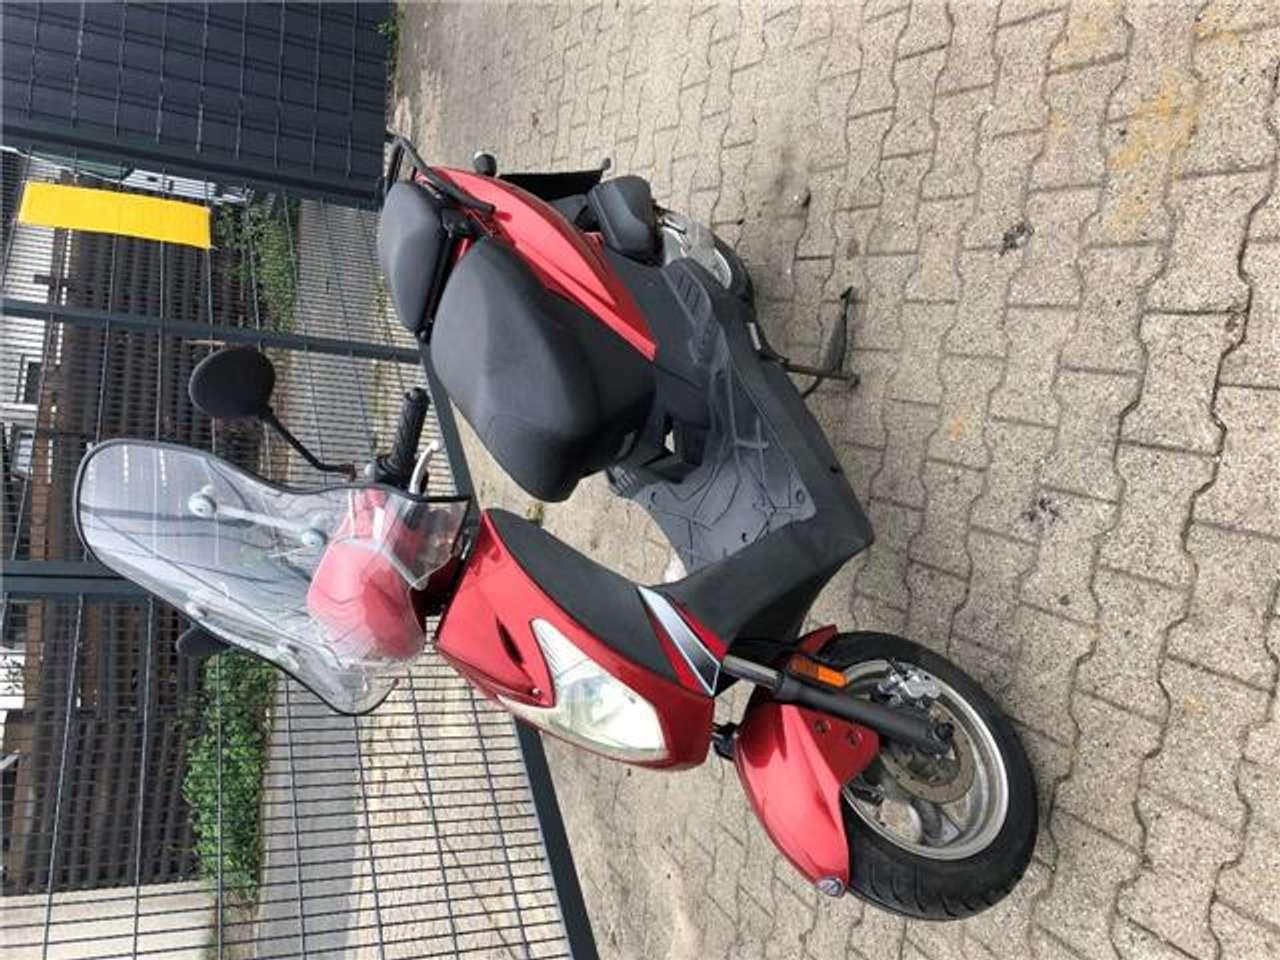 gebrauchte roller & scooter kaufen in duisburg